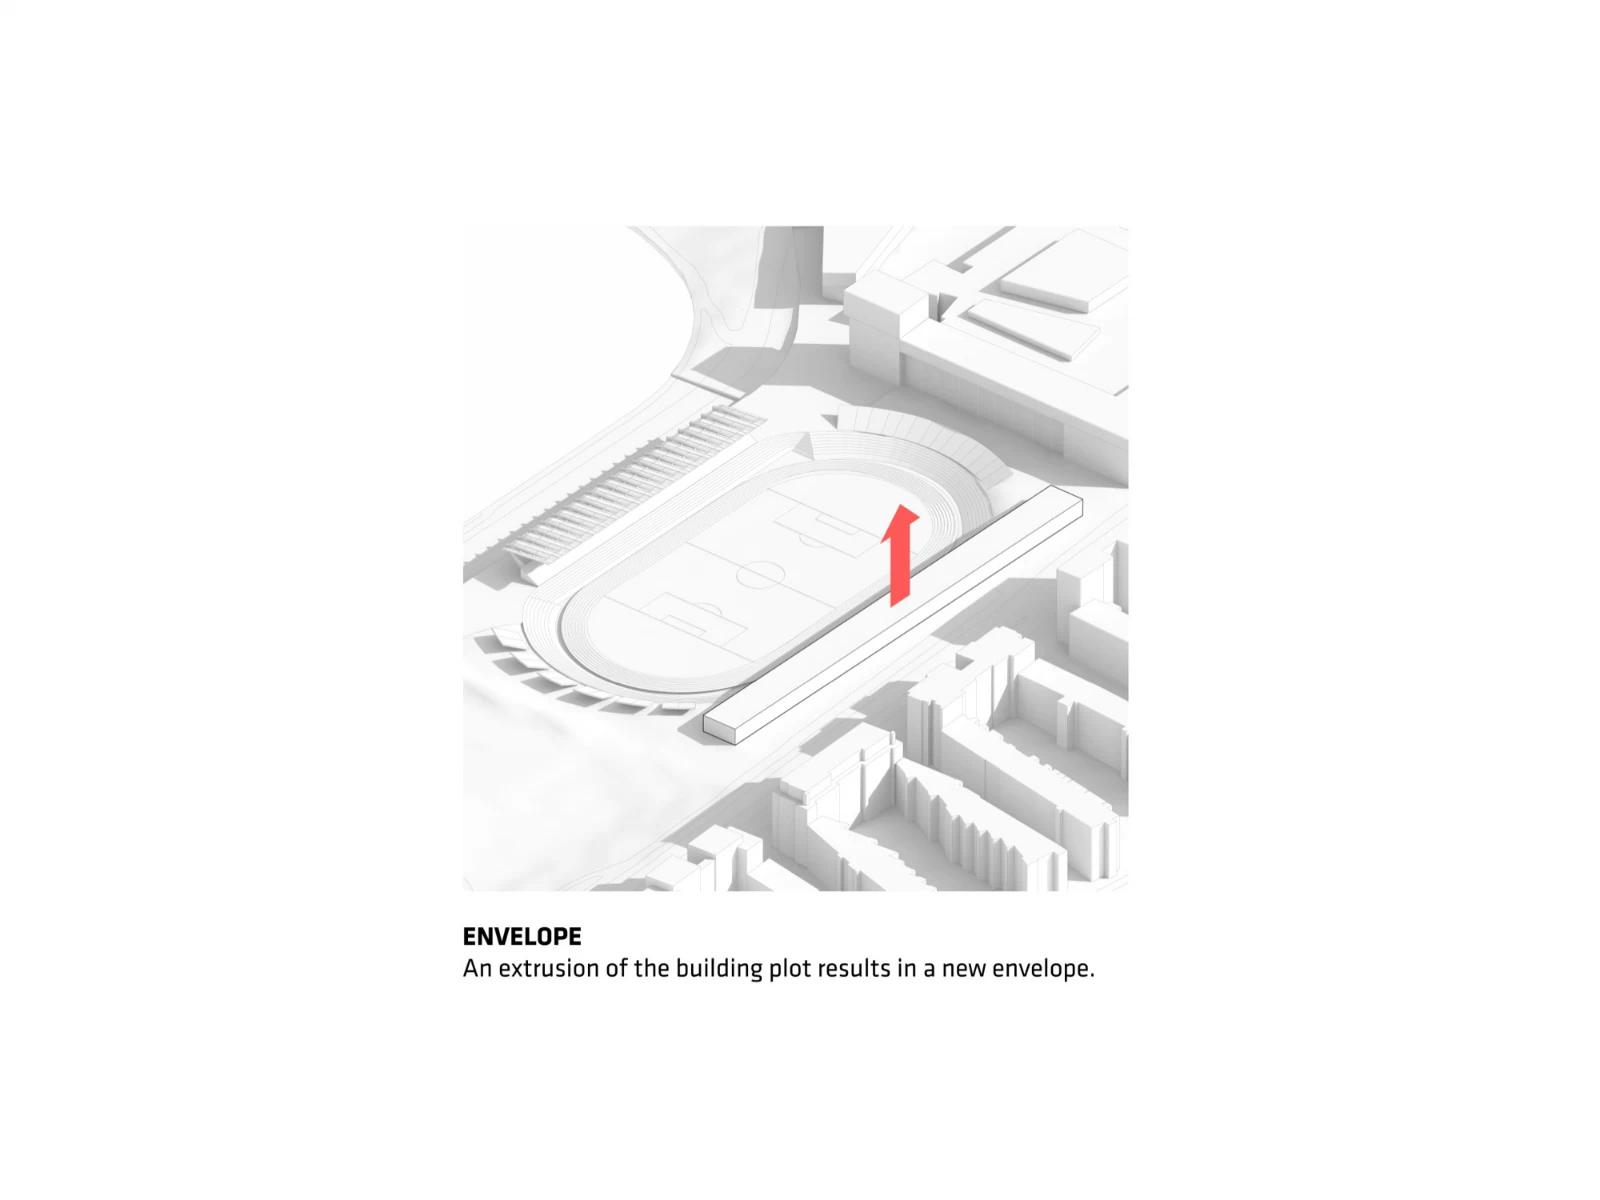 住宅设计—从概念到设计 (12)